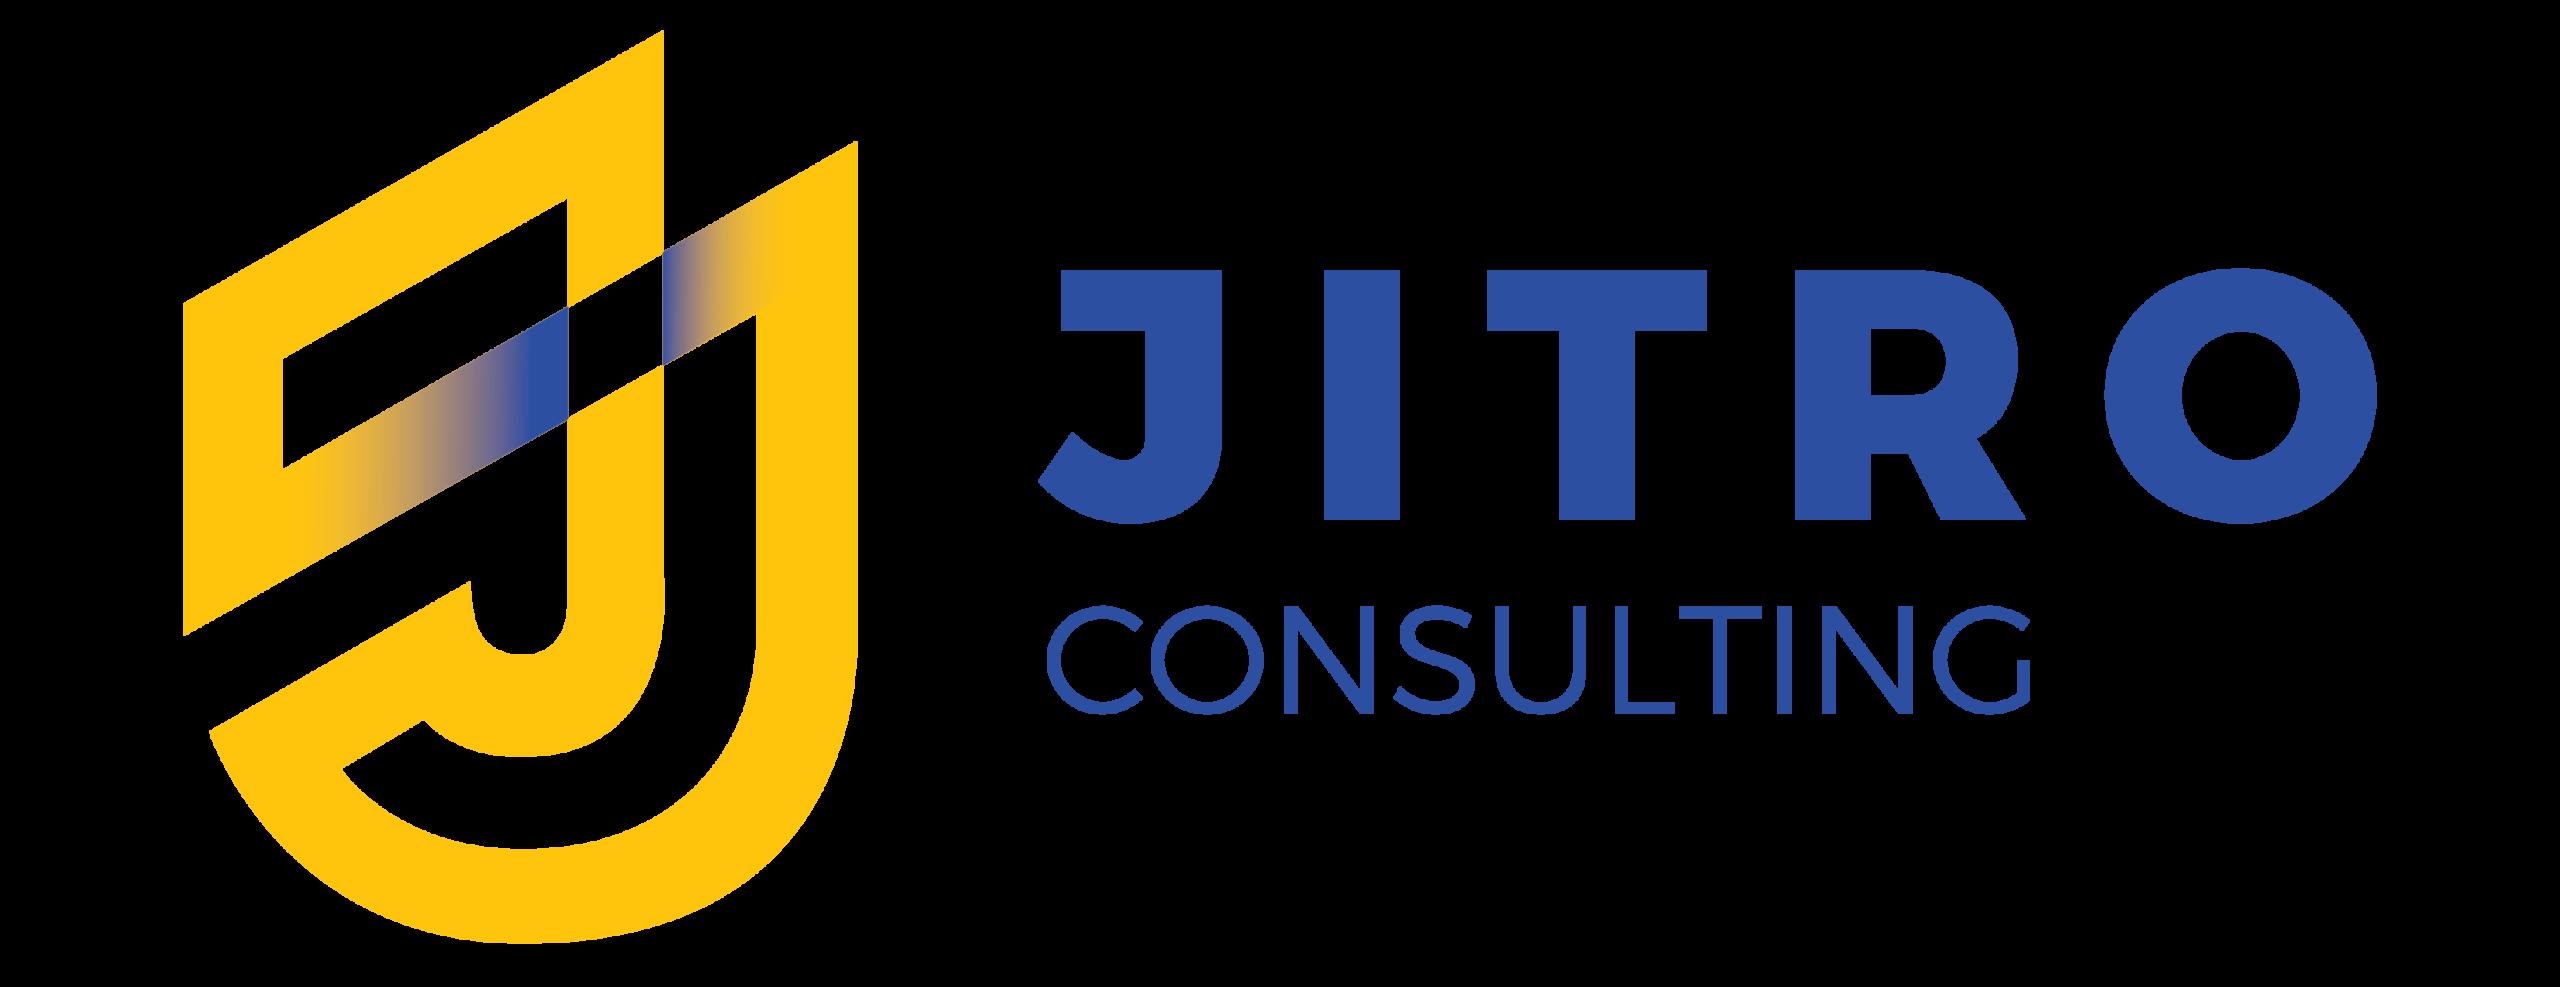 Jitro Consulting